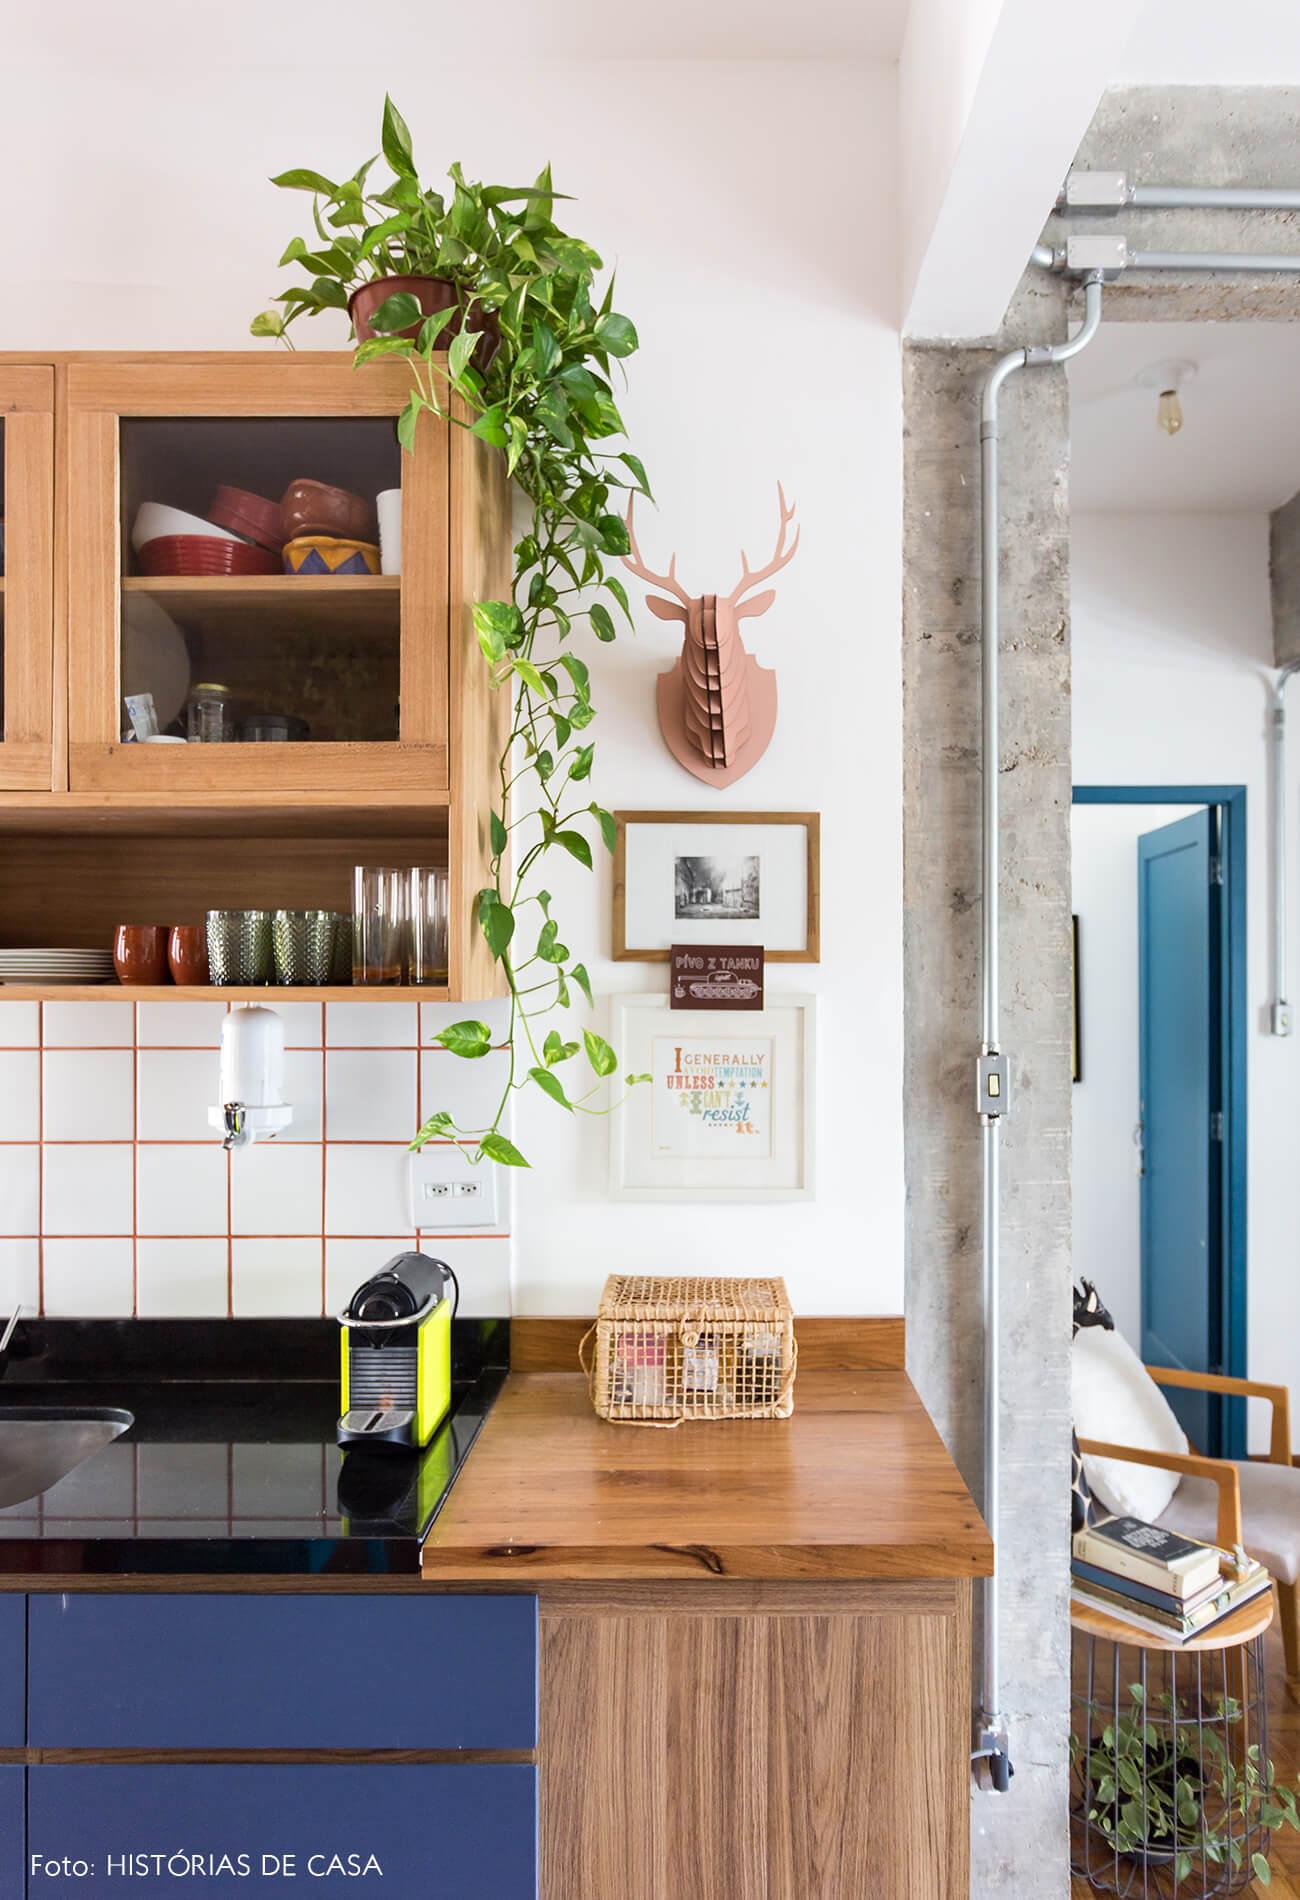 decoração cozinha com armarios azul e coluna de concreto